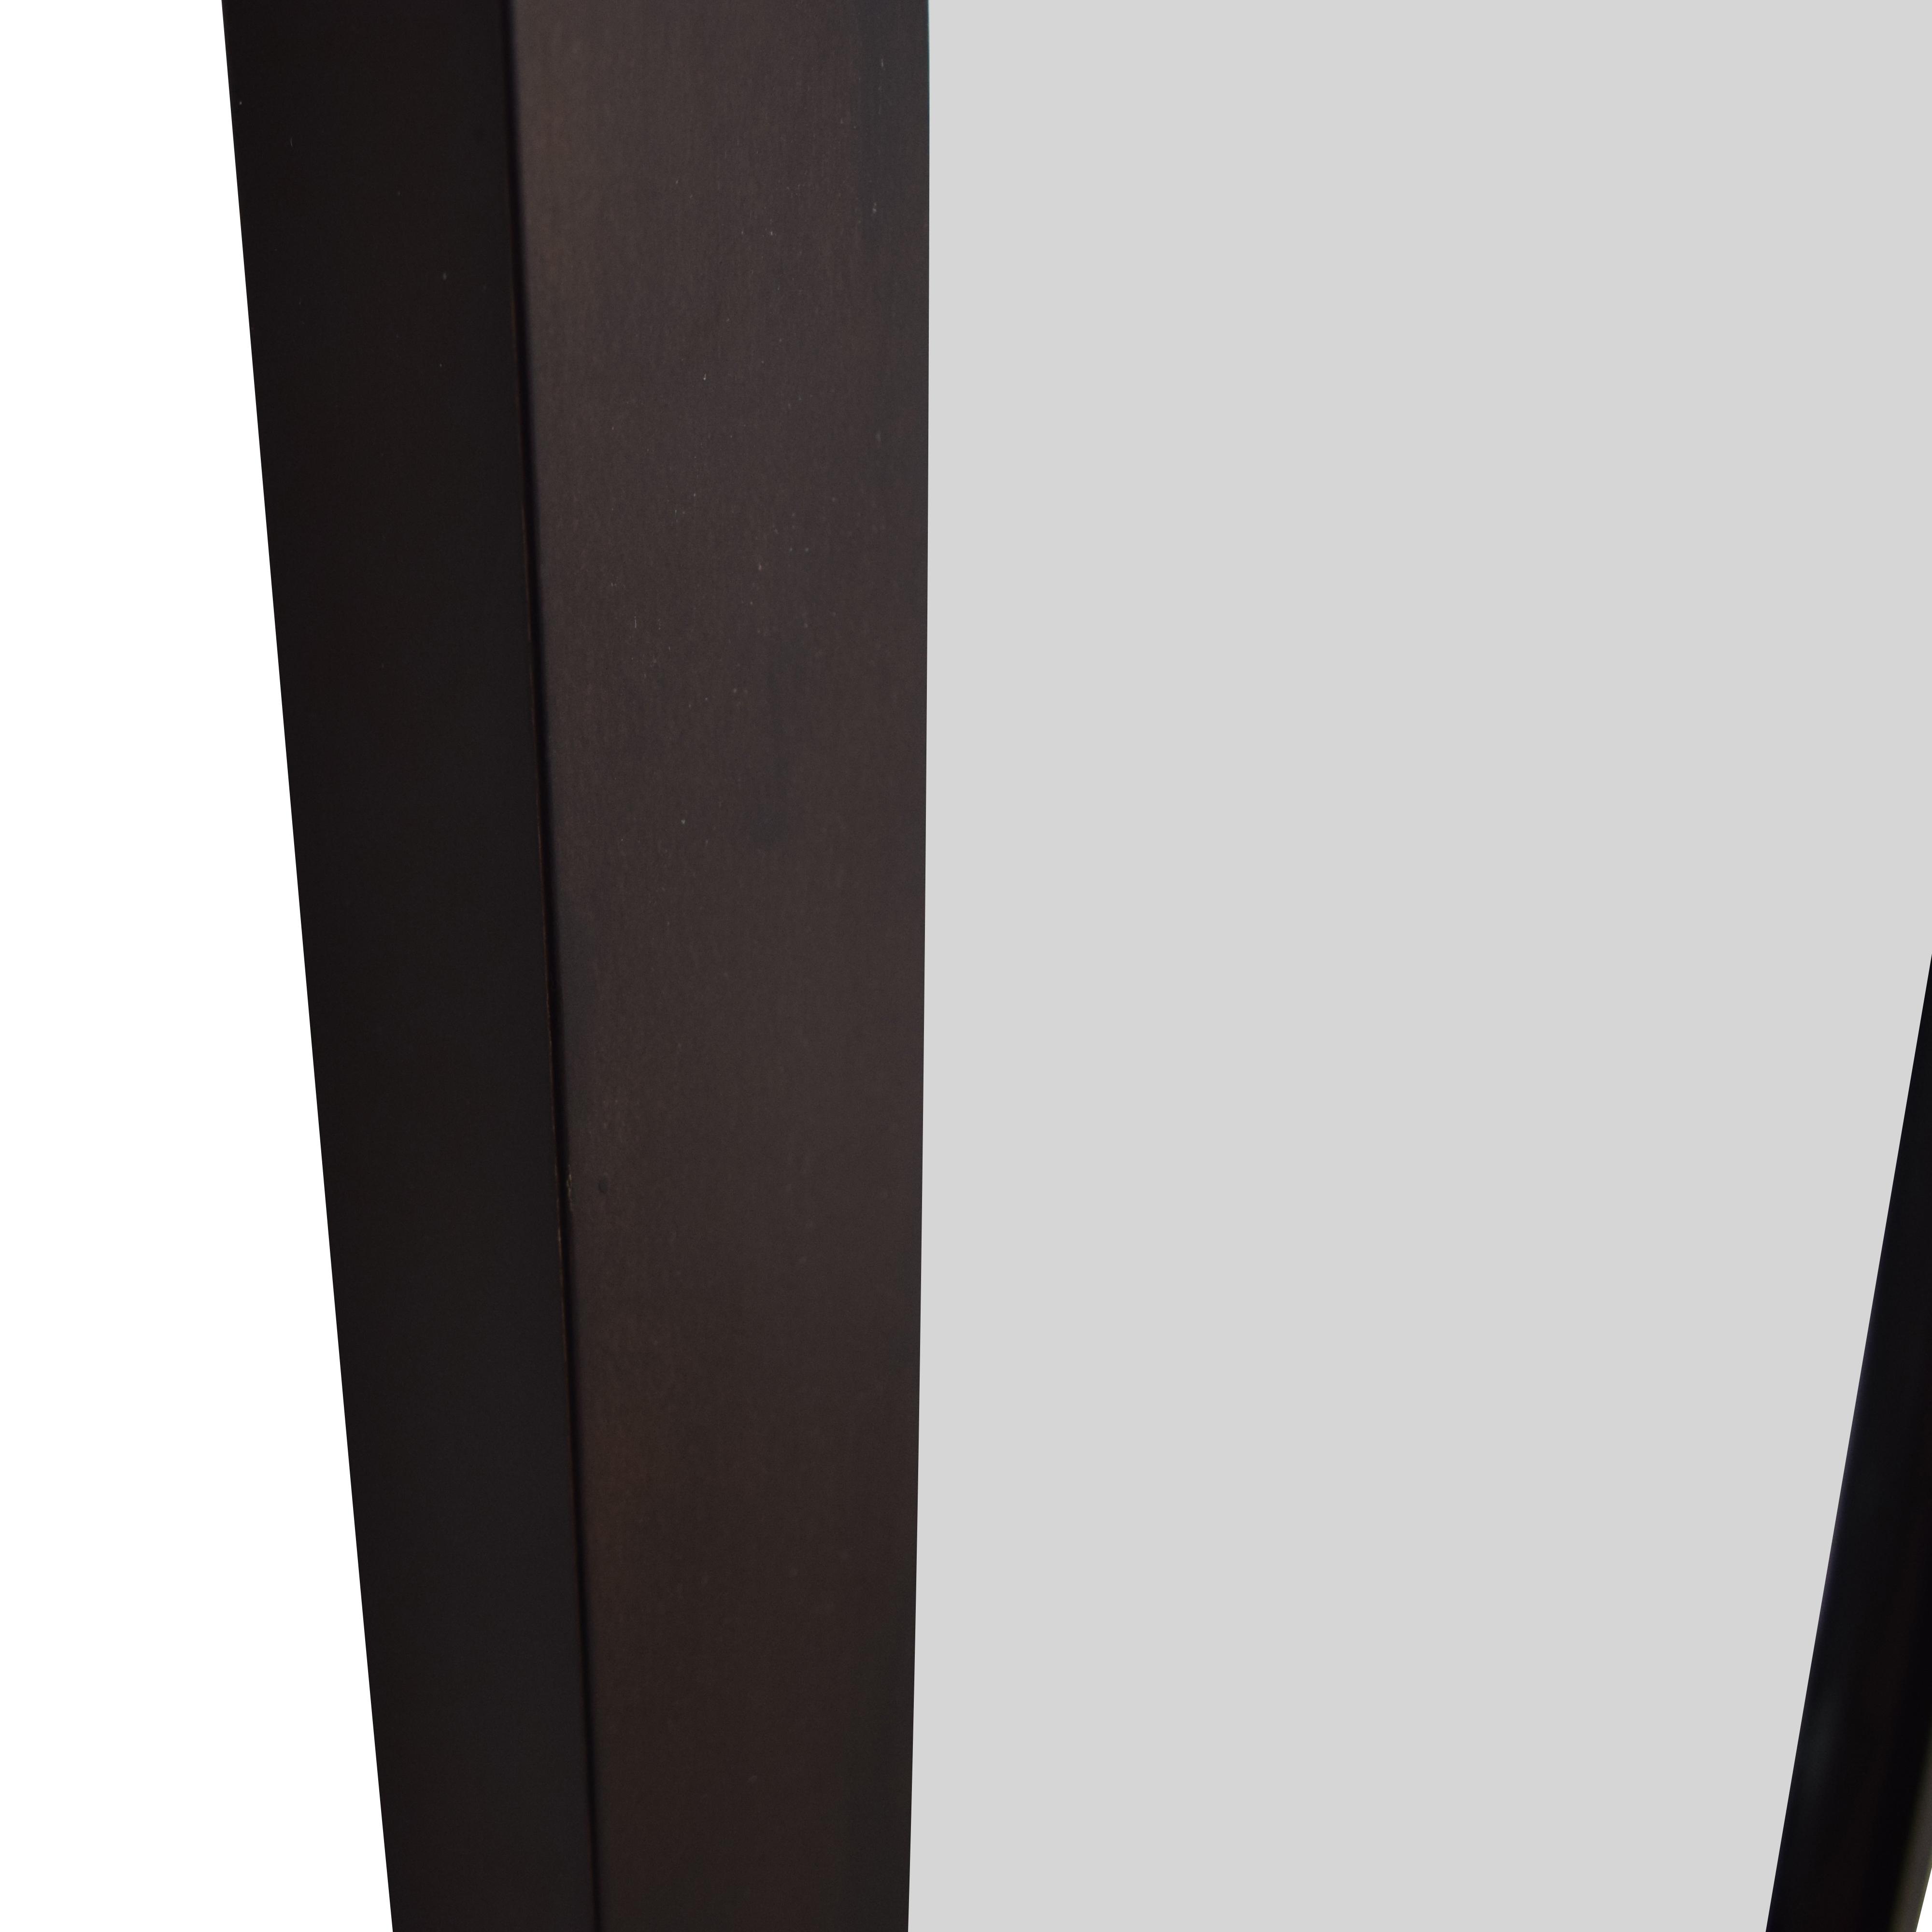 Crate & Barrel Crate & Barrel Wood Framed Floor Mirror discount